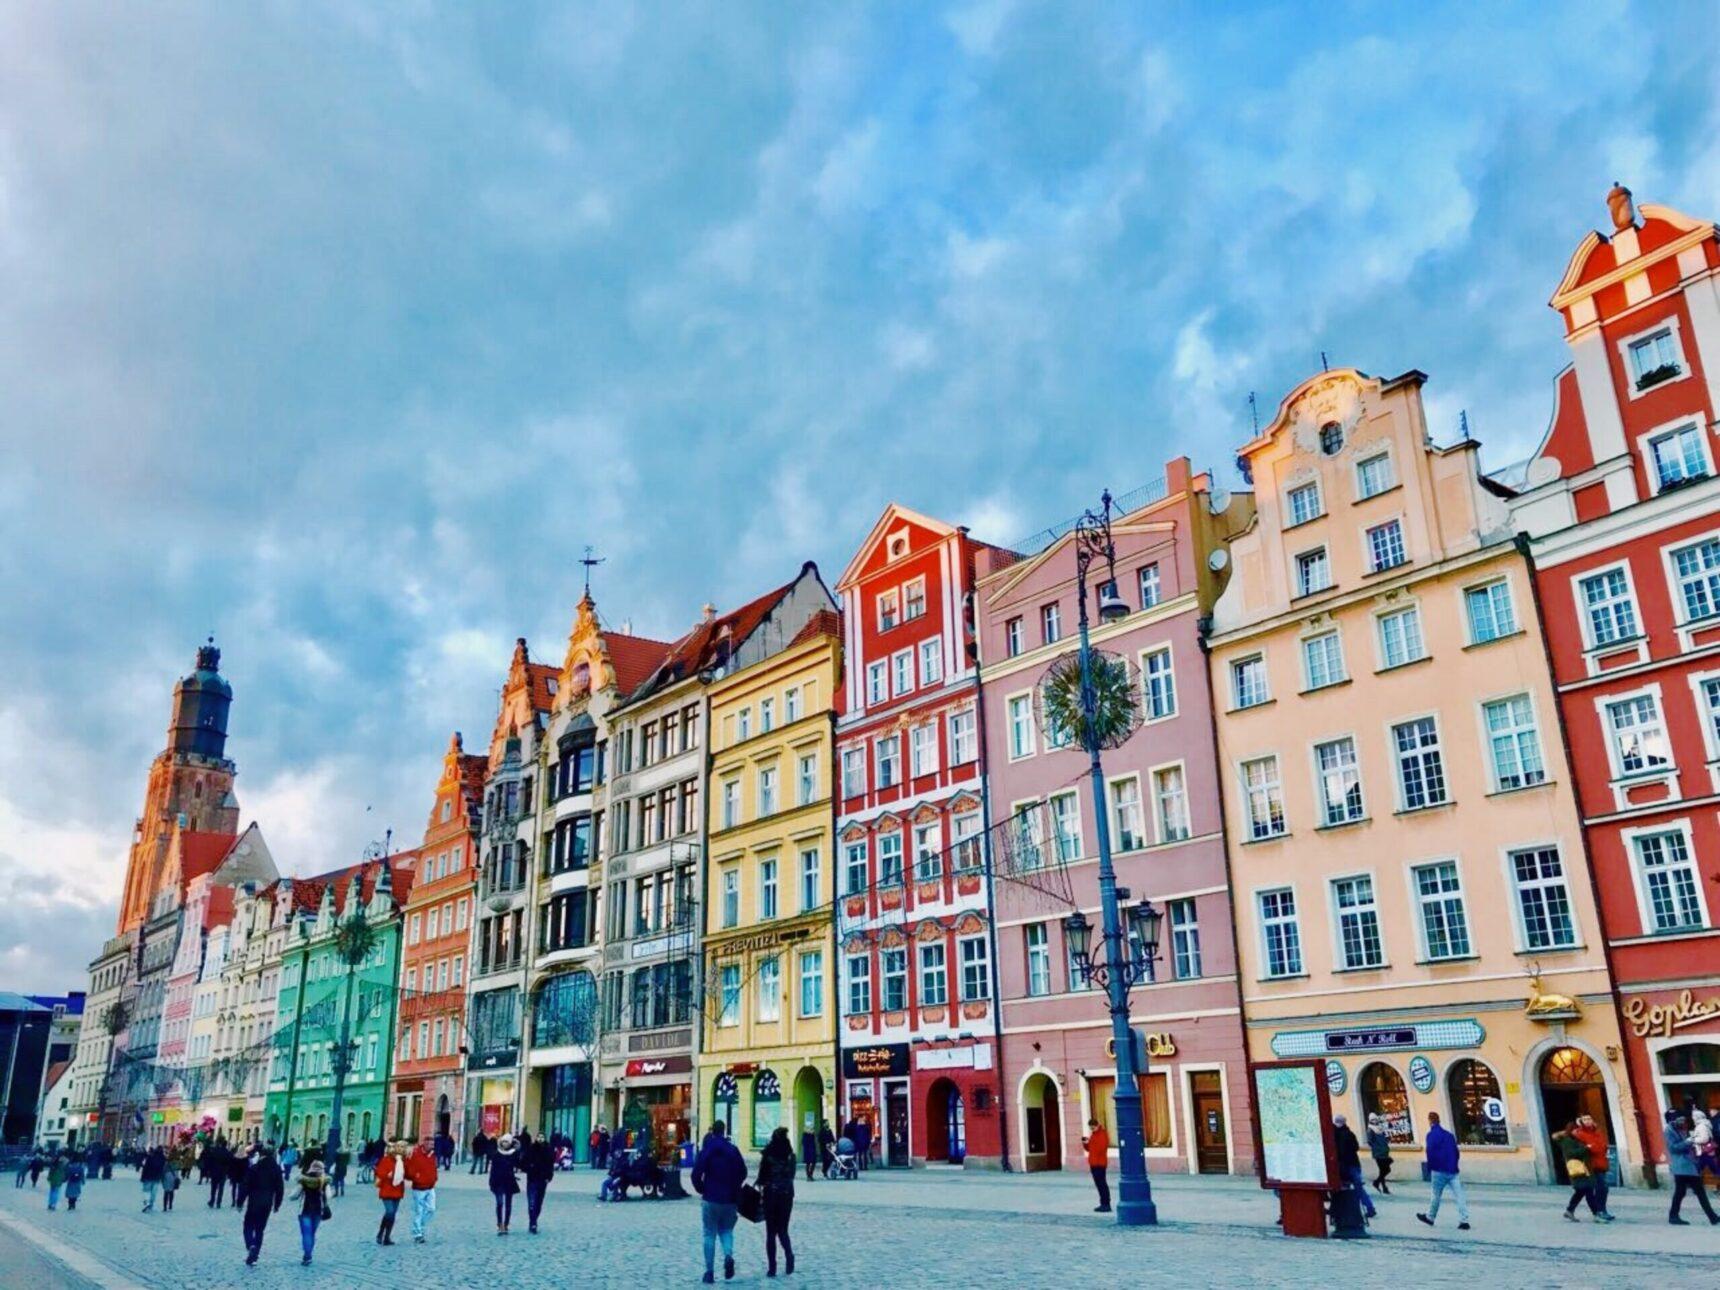 Miasto stu mostów i… czego jeszcze? Czyli ciekawe miejsca we Wrocławiu, które warto zobaczyć!